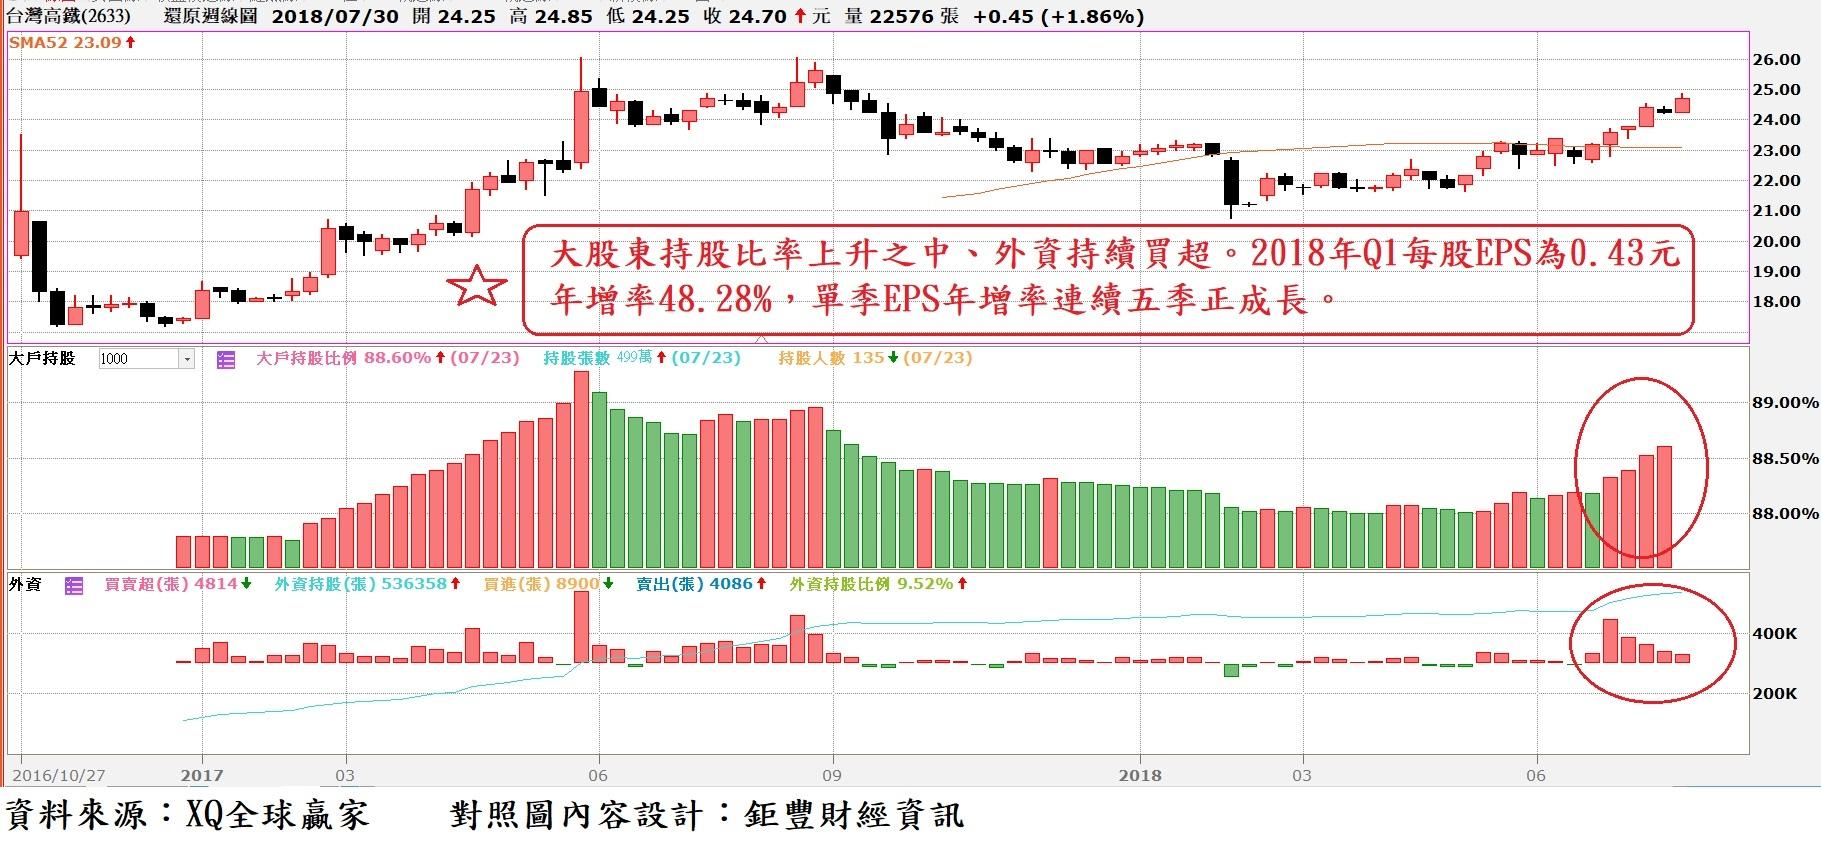 台灣高鐵(2633)周K線與外資持股比率與外資買賣超對照圖